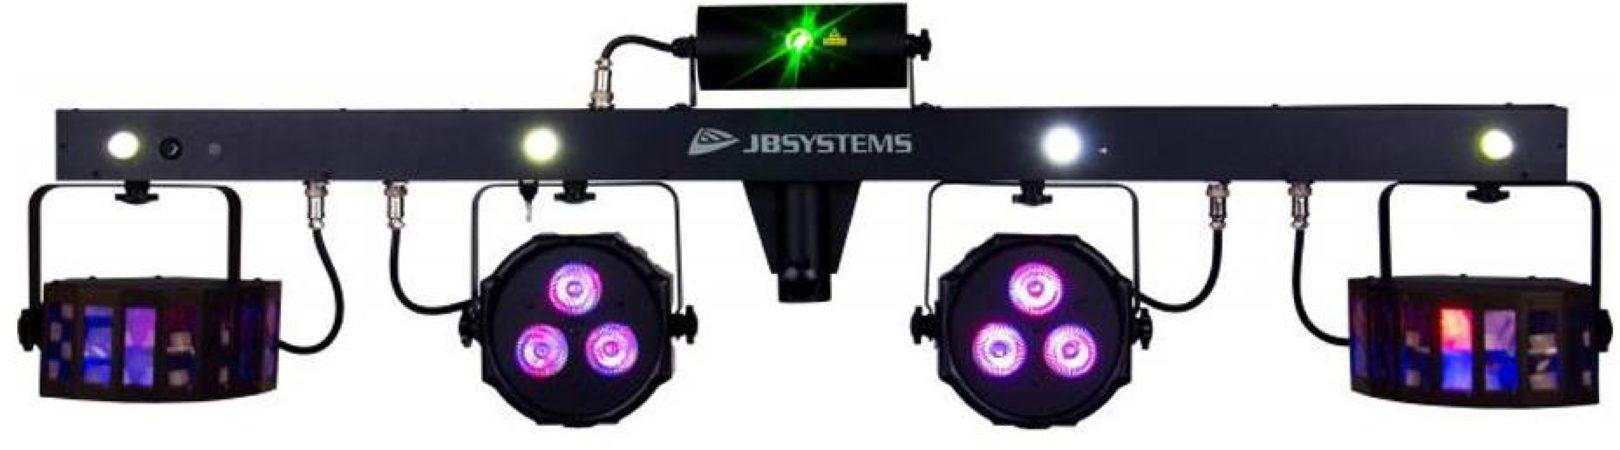 Afbeelding van Zwarte JB Systems JB-Systems PARTY BAR - 4-in-1 lichteffect voor mobiele DJs